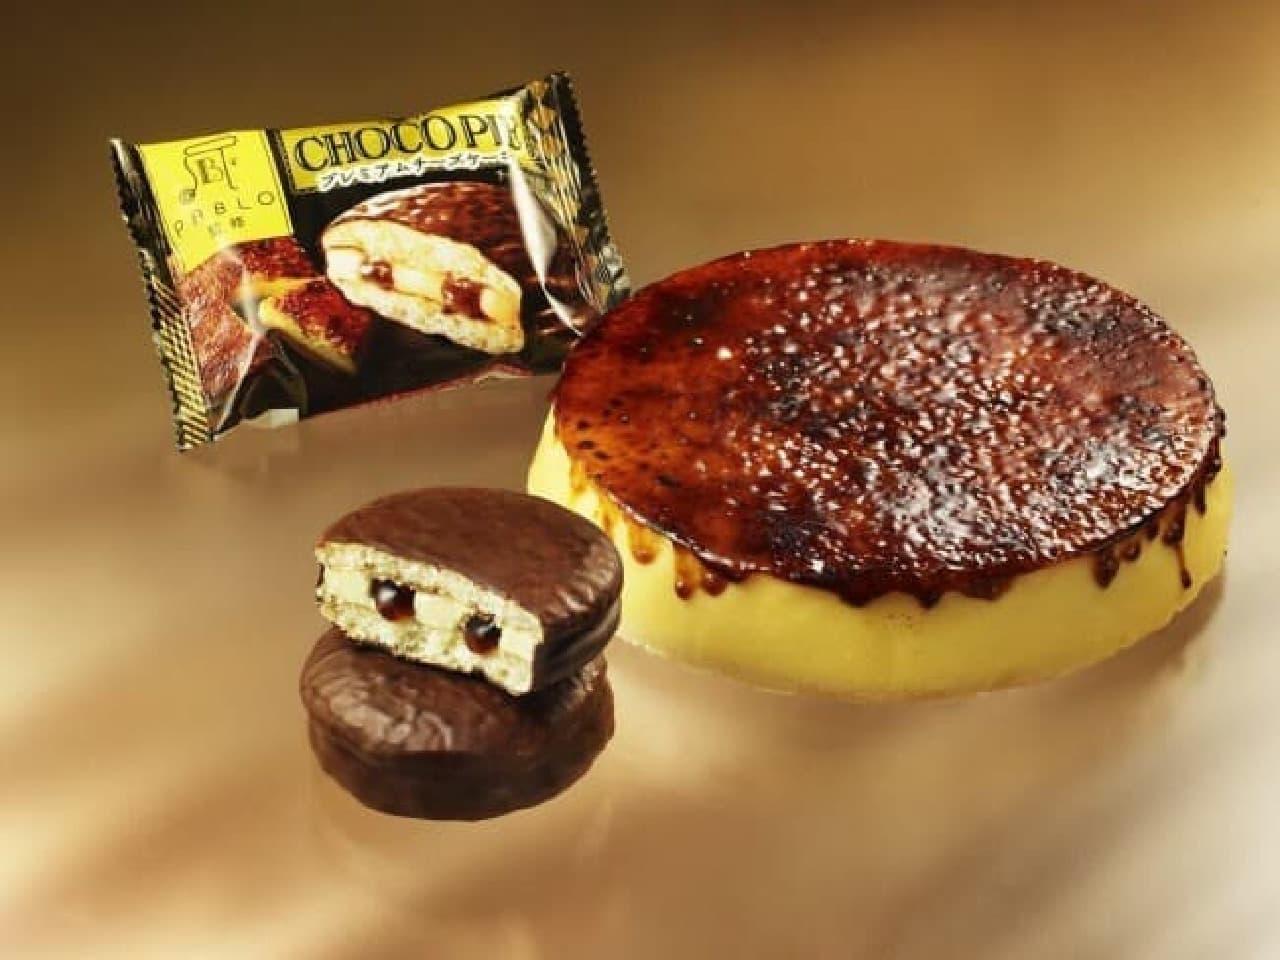 チョコパイはソースでブリュレ感を表現